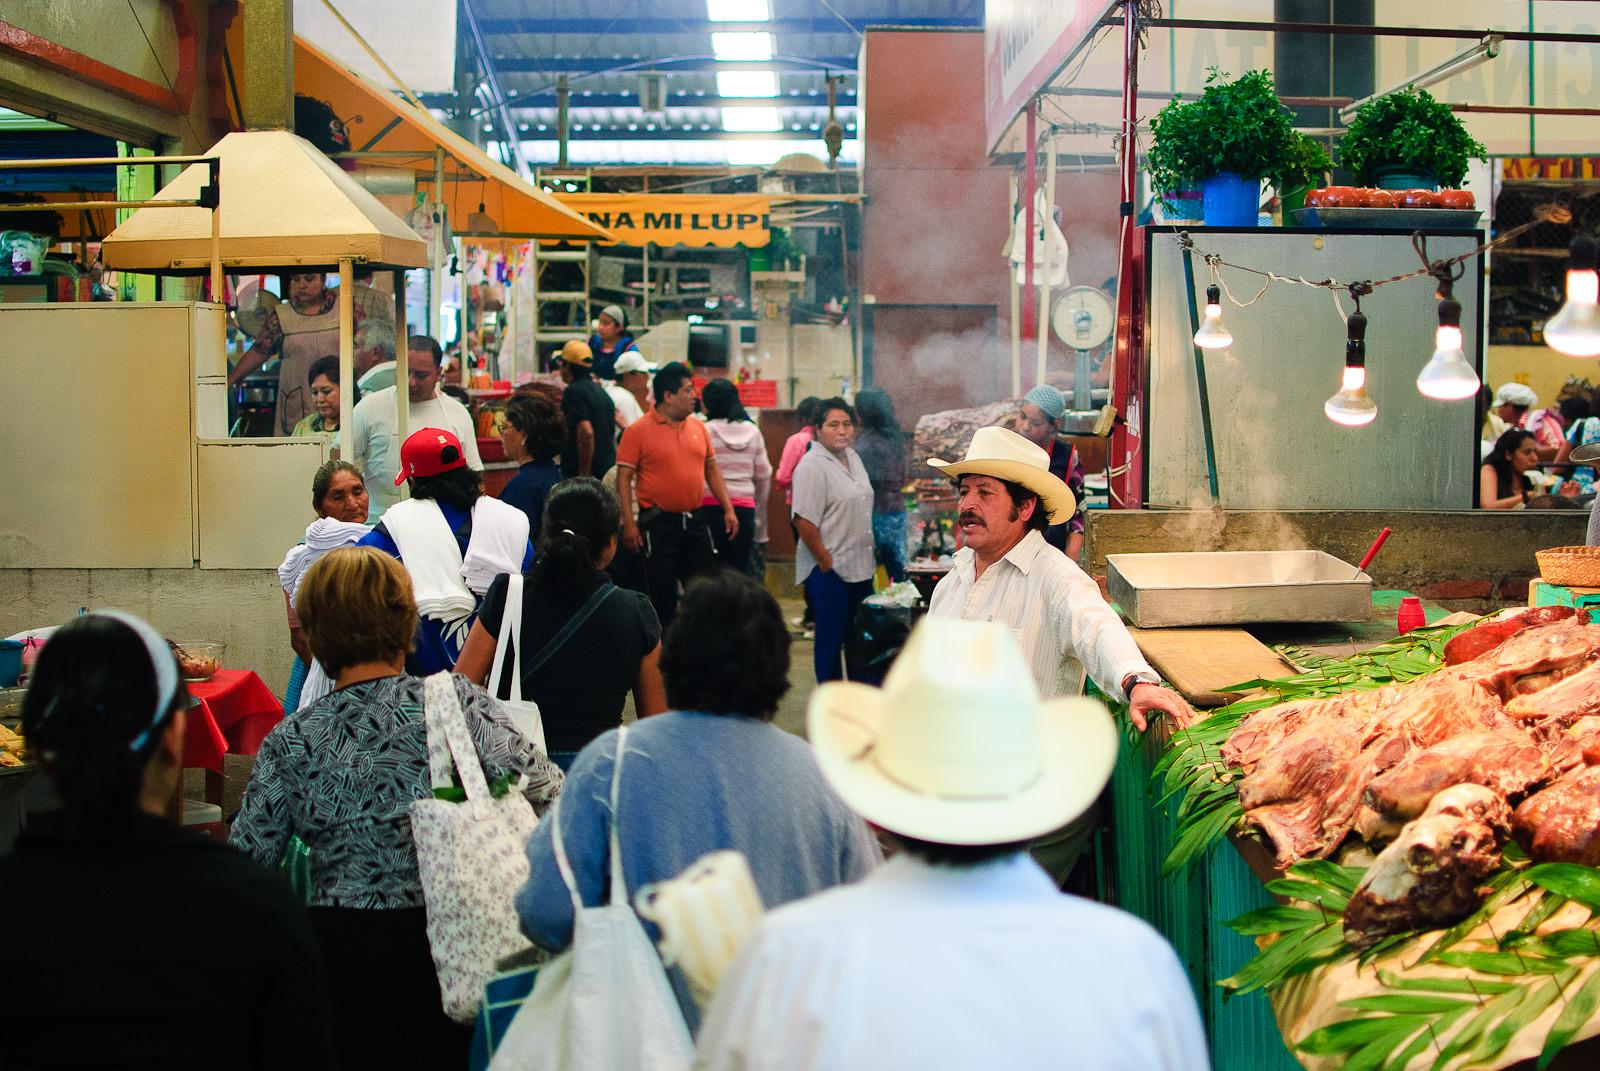 Mercado de Cholula - Centro del Mercado